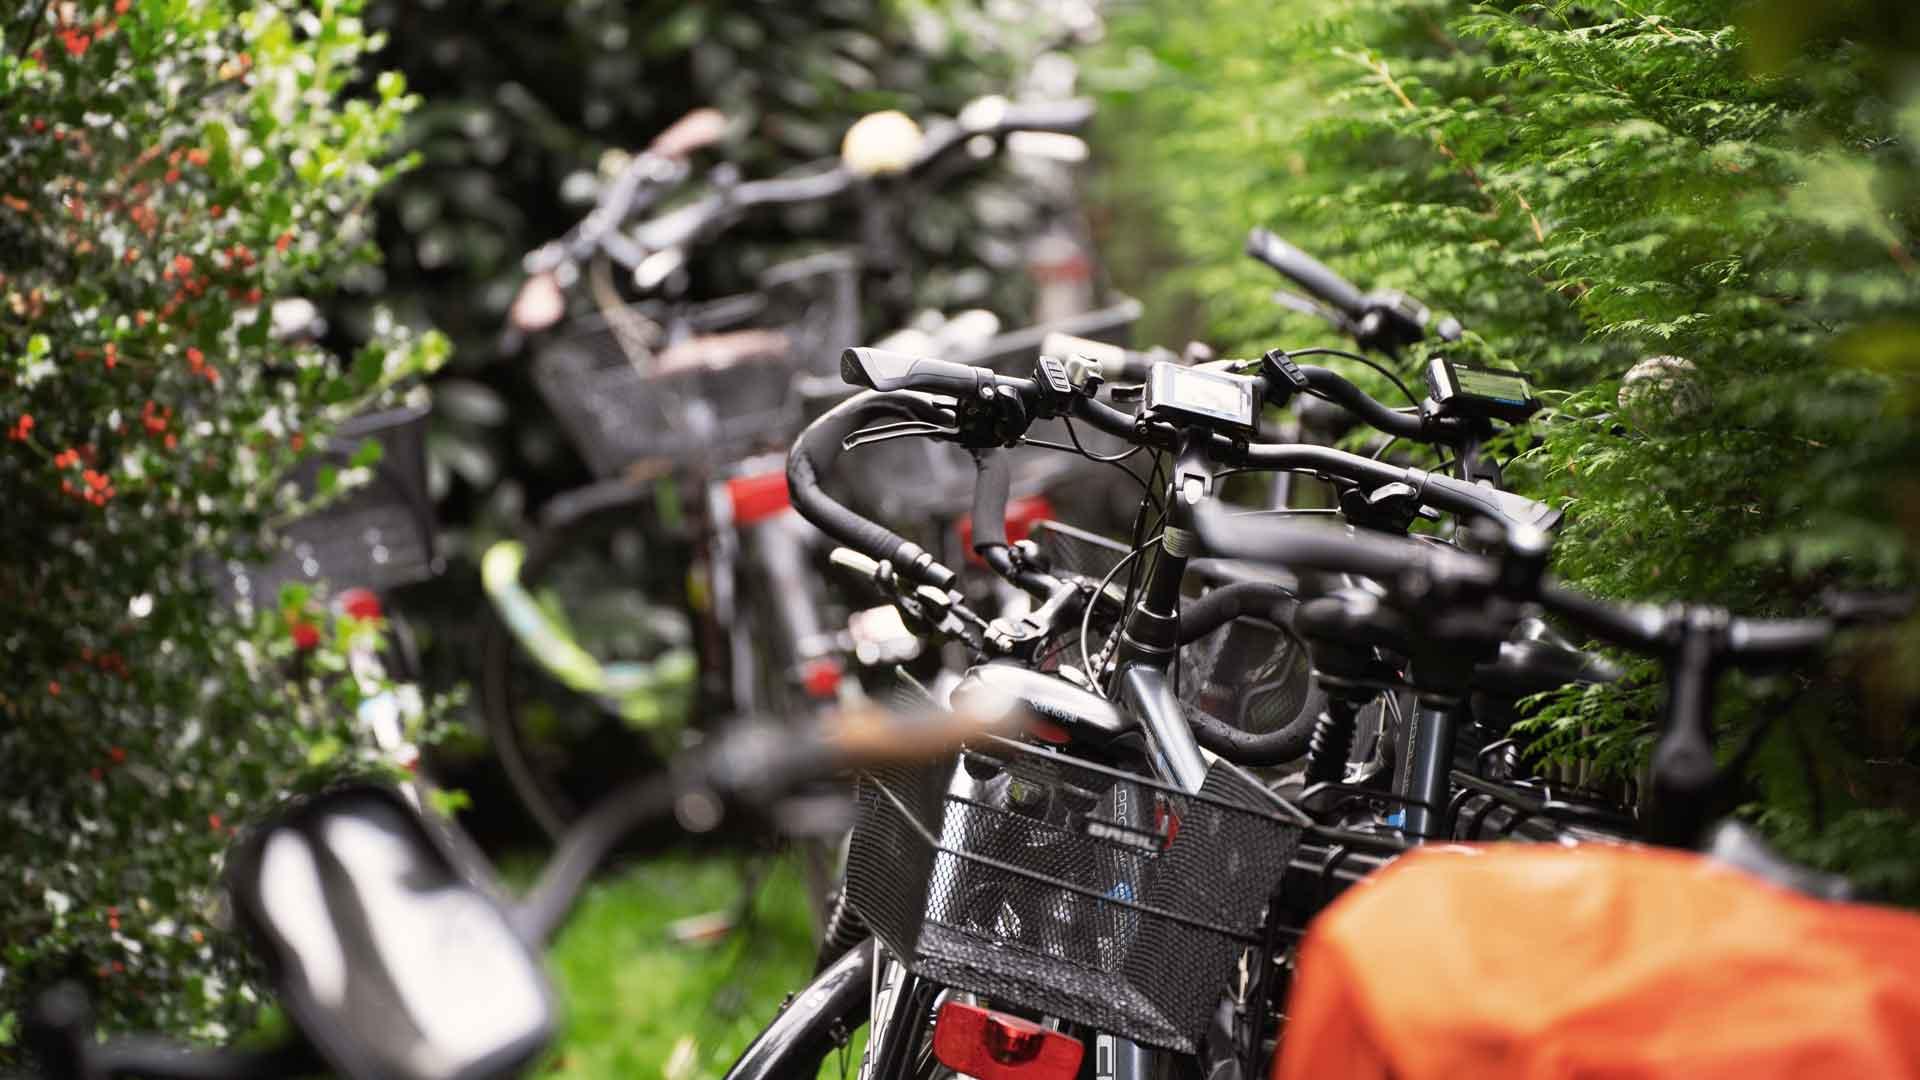 Vorbildliche Anreise per Rad beim Balkon der freien Künste 2020